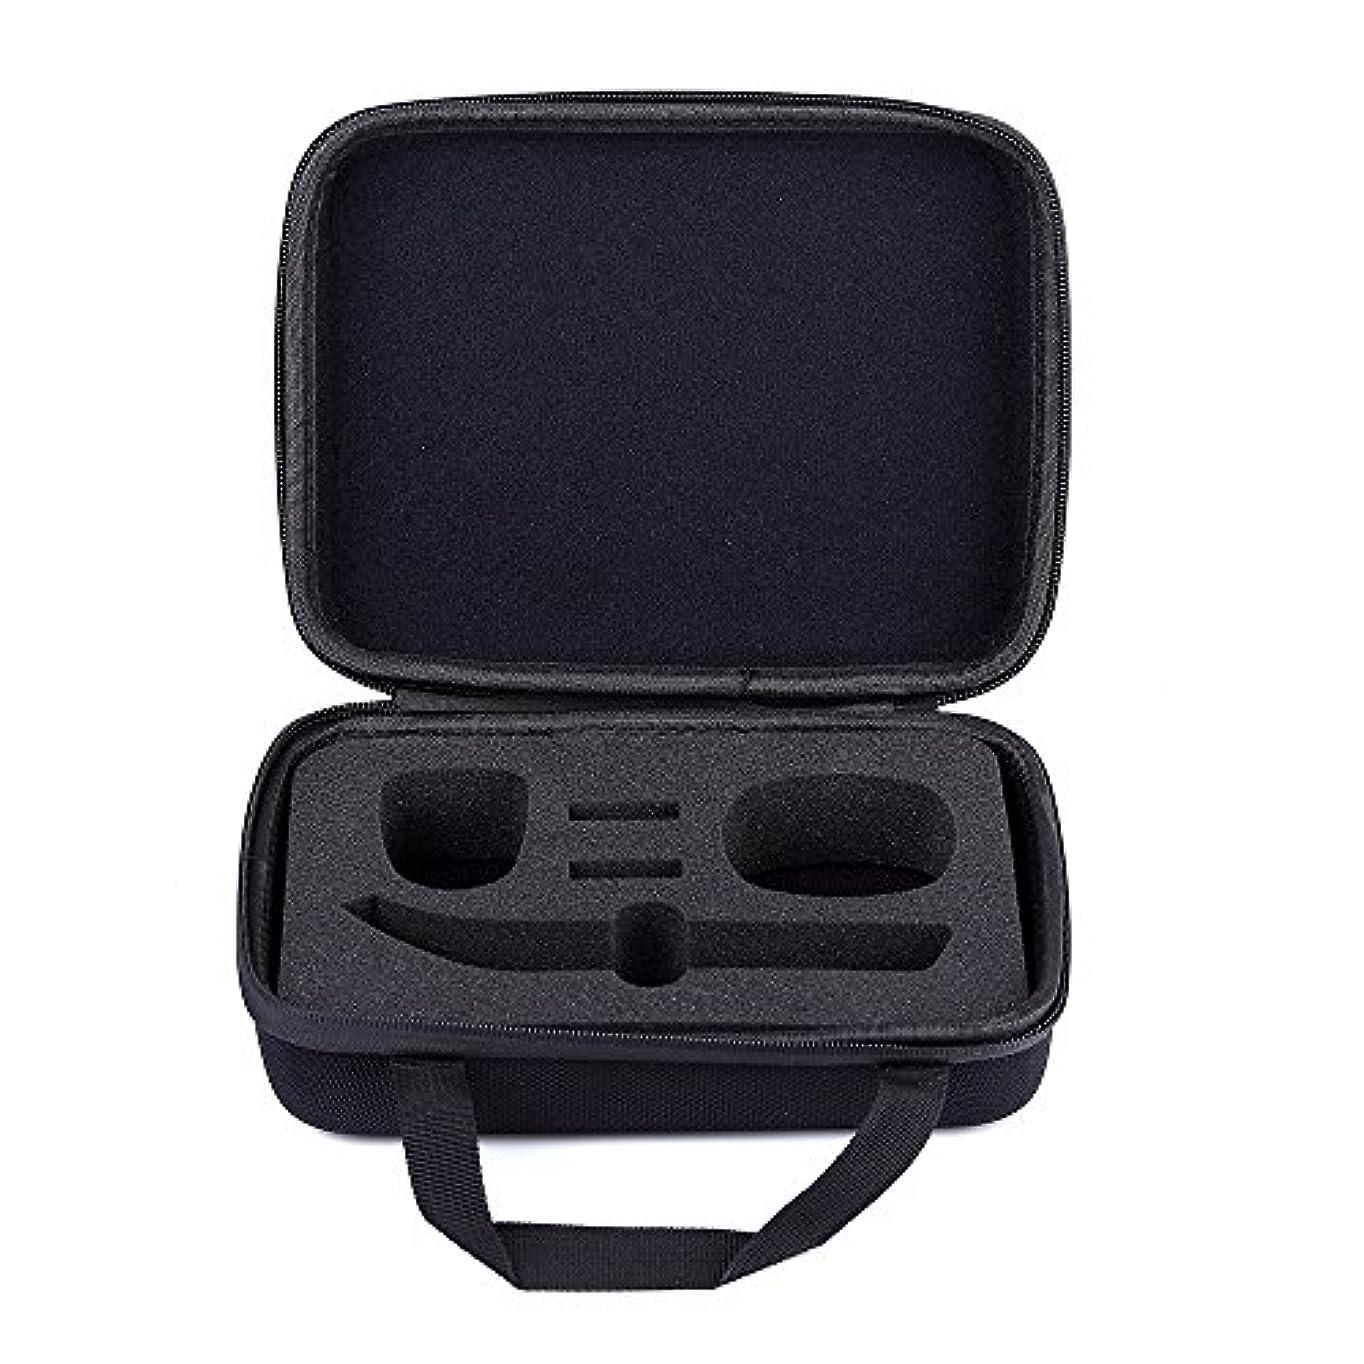 大陸綺麗な待ってRETYLY トラベルのハードバッグ、携帯用ケース、Norelco Oneblade Pro用、転倒防止、防水、実用的なPhilipsシェーバー用の収納ボックス